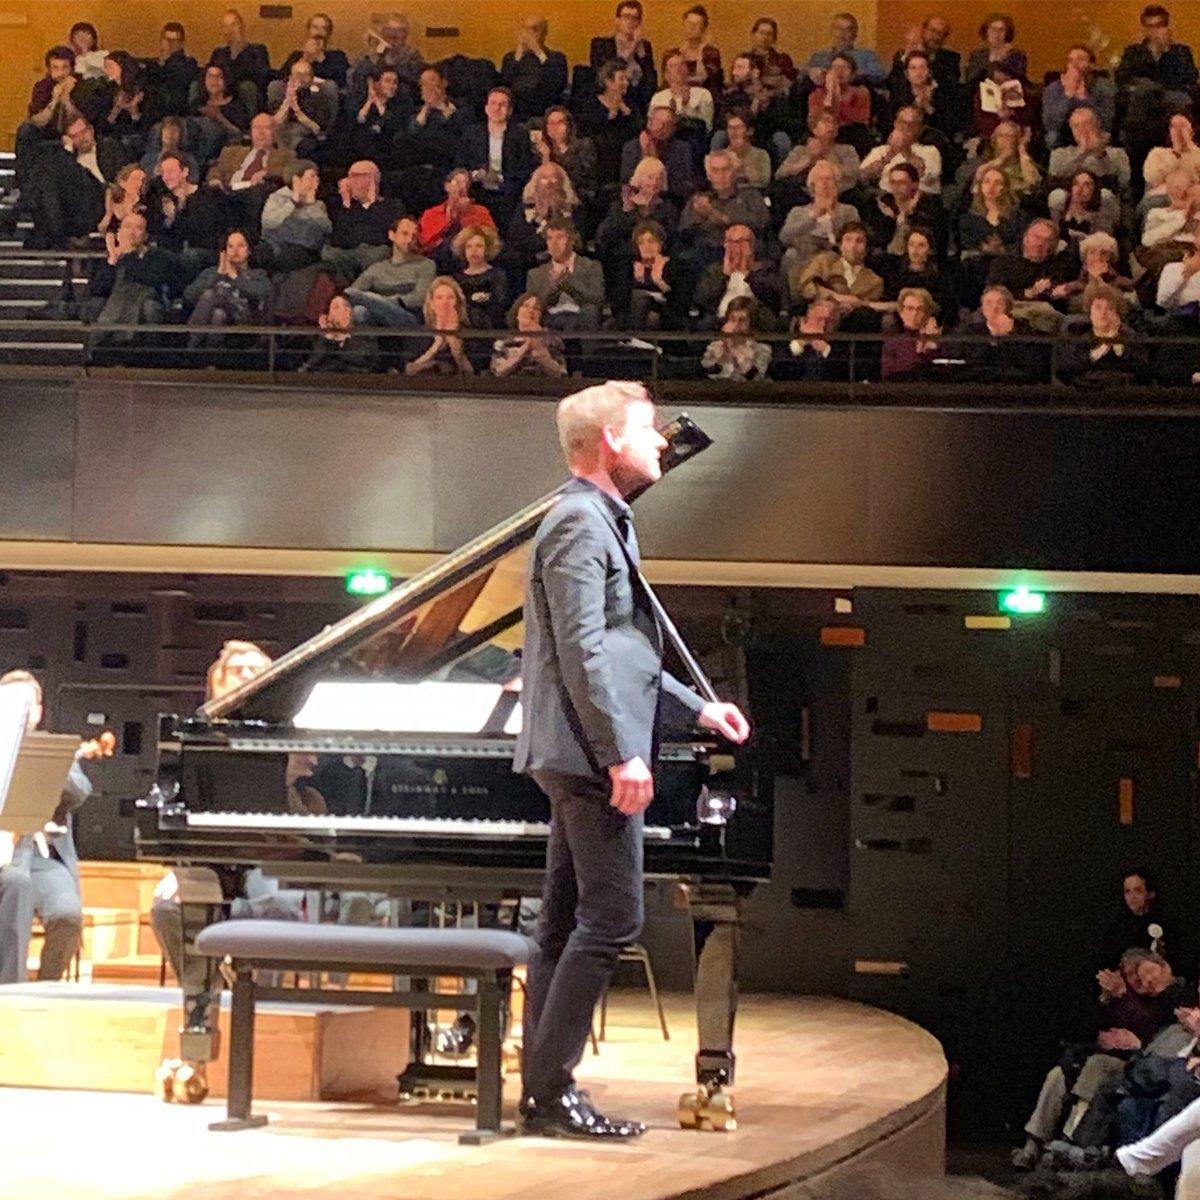 Concerto piano 22 de #mozart #kristianbezuidenhout venu d'Afrique du Sud est un Mozartien de premier plan, j'ai aimé l'andante, rare ! le public a applaudi à la suite de ce mouvement central, les andantes de Mozart sont toujours des moments d'émotion. #orchestredeparis #dharding